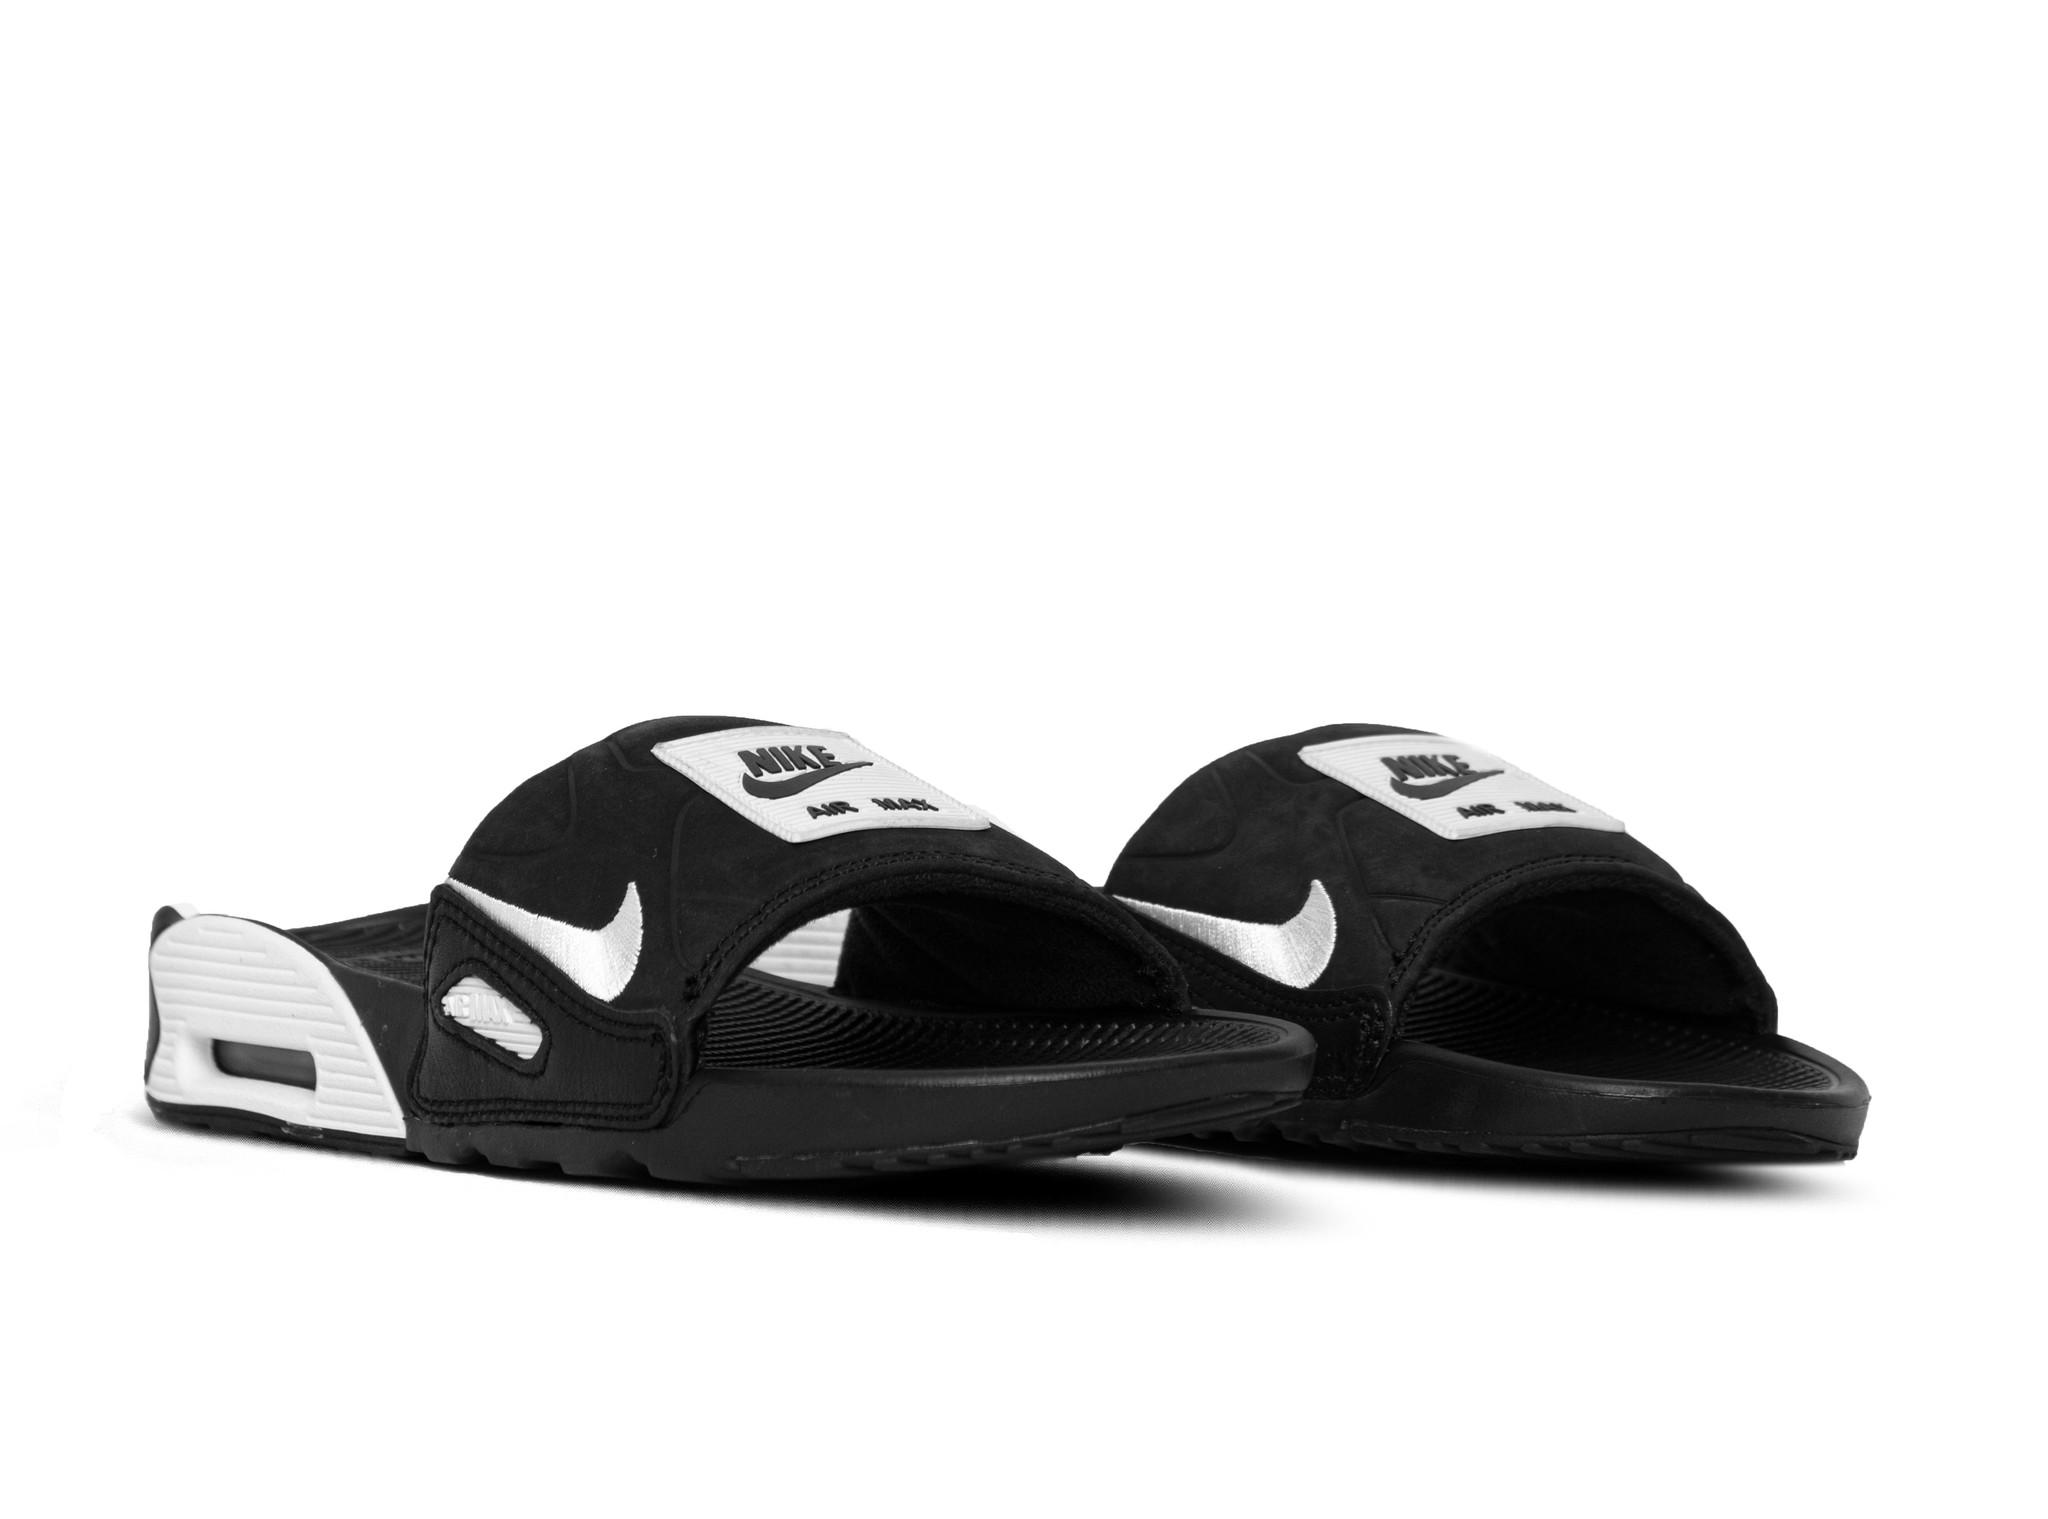 Nike W Air Max 90 Slide Black White CT5241 002